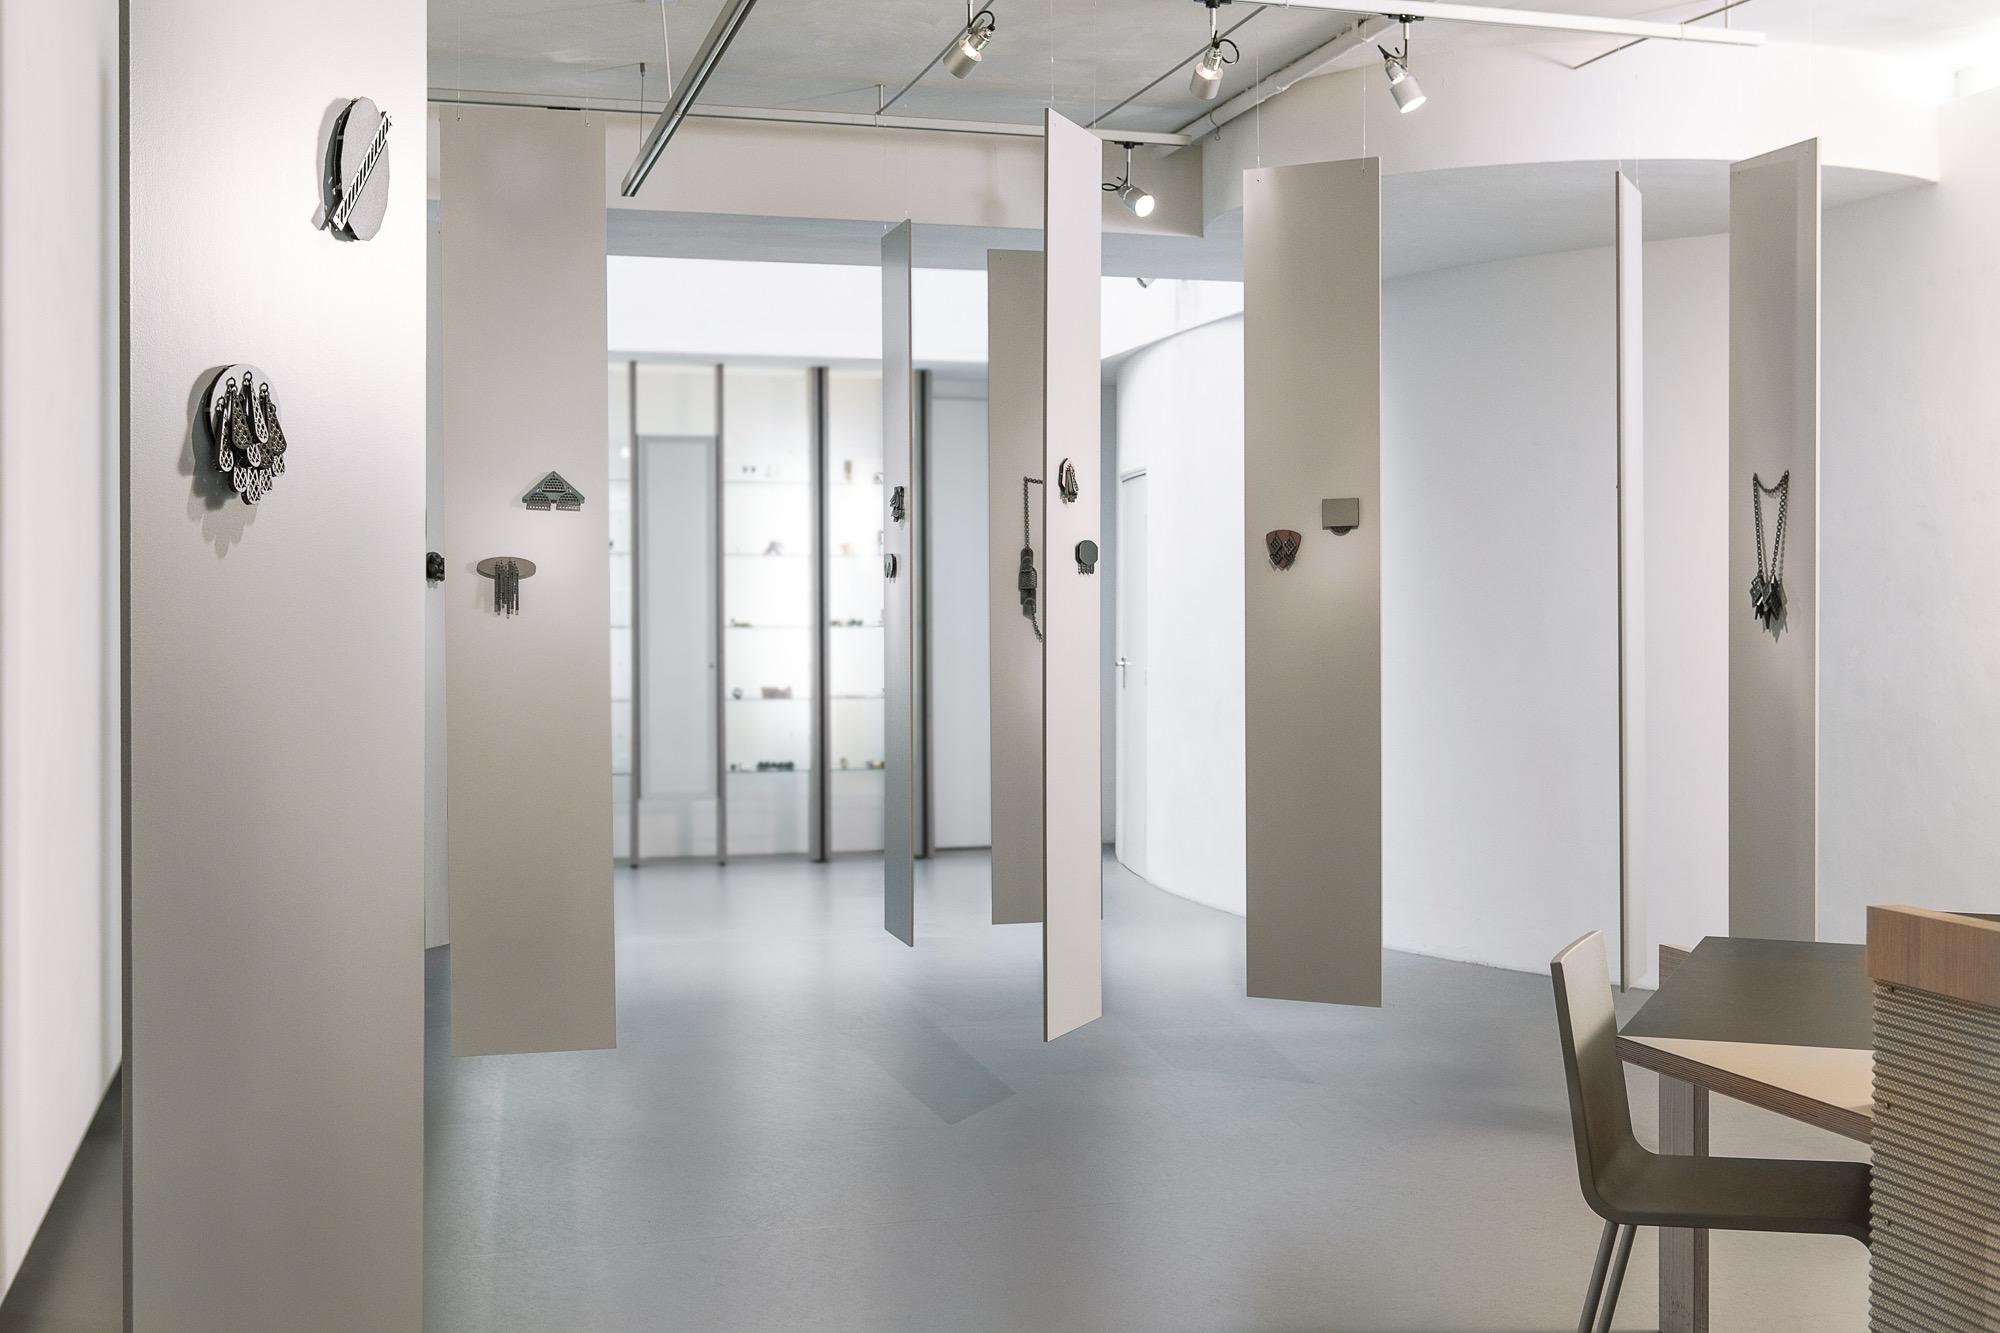 Melanie Isverding in Galerie Rob Koudijs, 2011, tentoonstelling, interieur